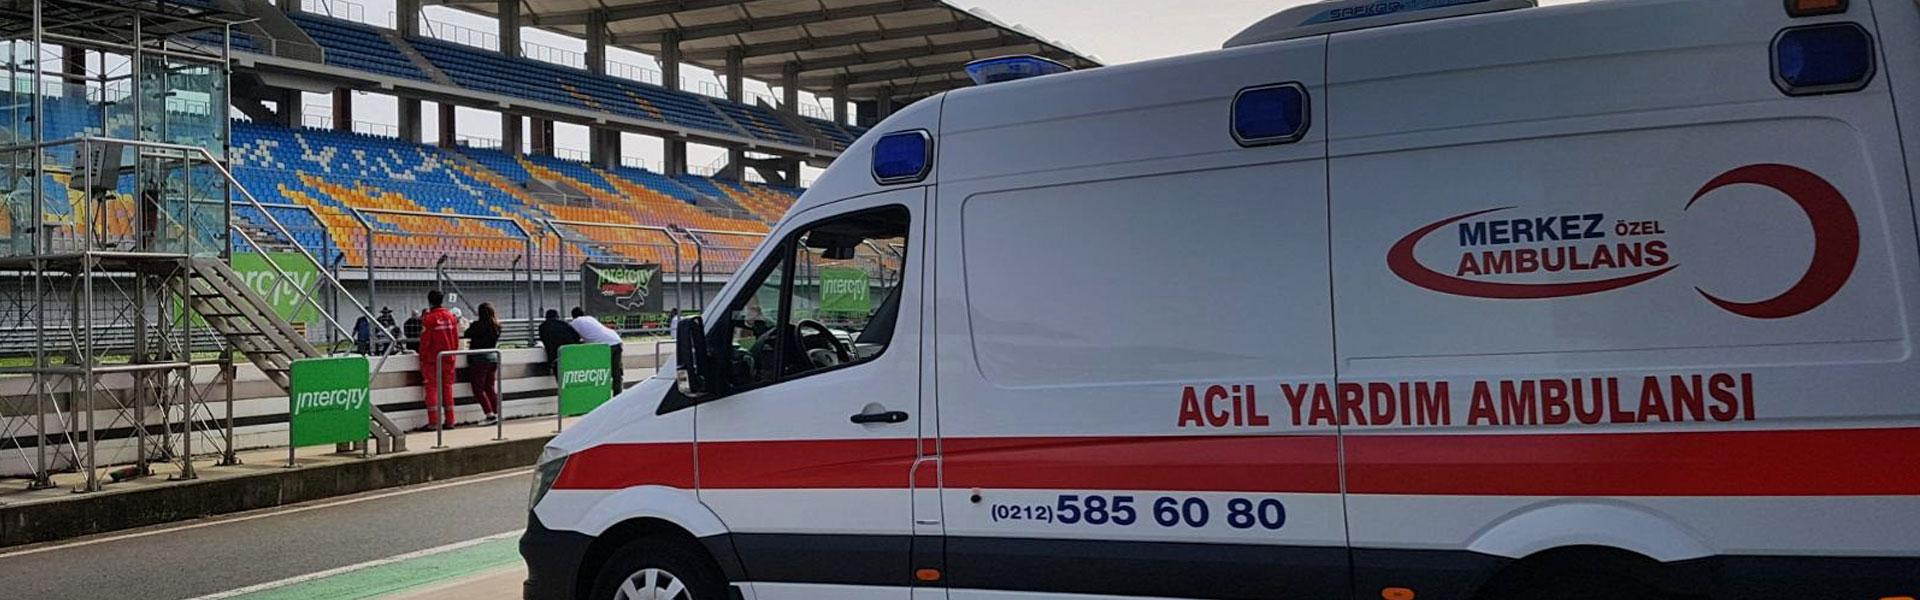 merkez-ozel-ambulans-acil-yardim-ambulanslari-karda-hastaya-ilk-yardima-gidiyor-olimpik-stat